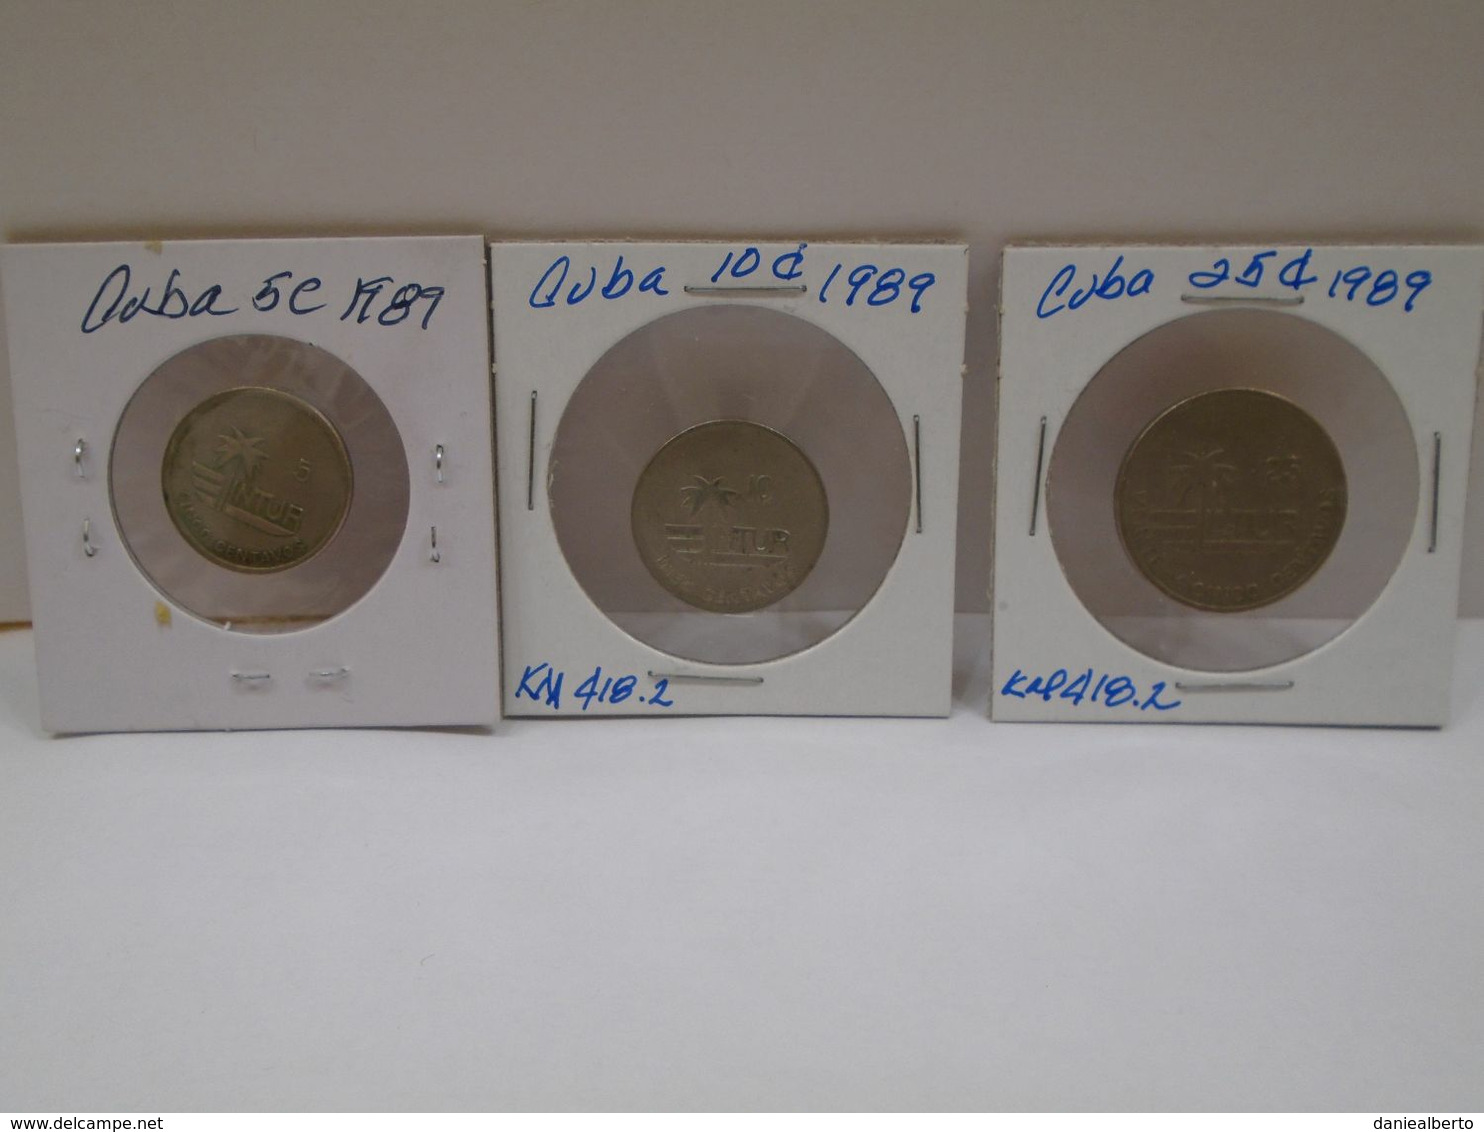 """Cuba, 0.05, 0.10, 0.25 Centavos 1989, """" INTUR """", UNC, MINT. Gracias Por Visitar Mi Pagina. - Cuba"""